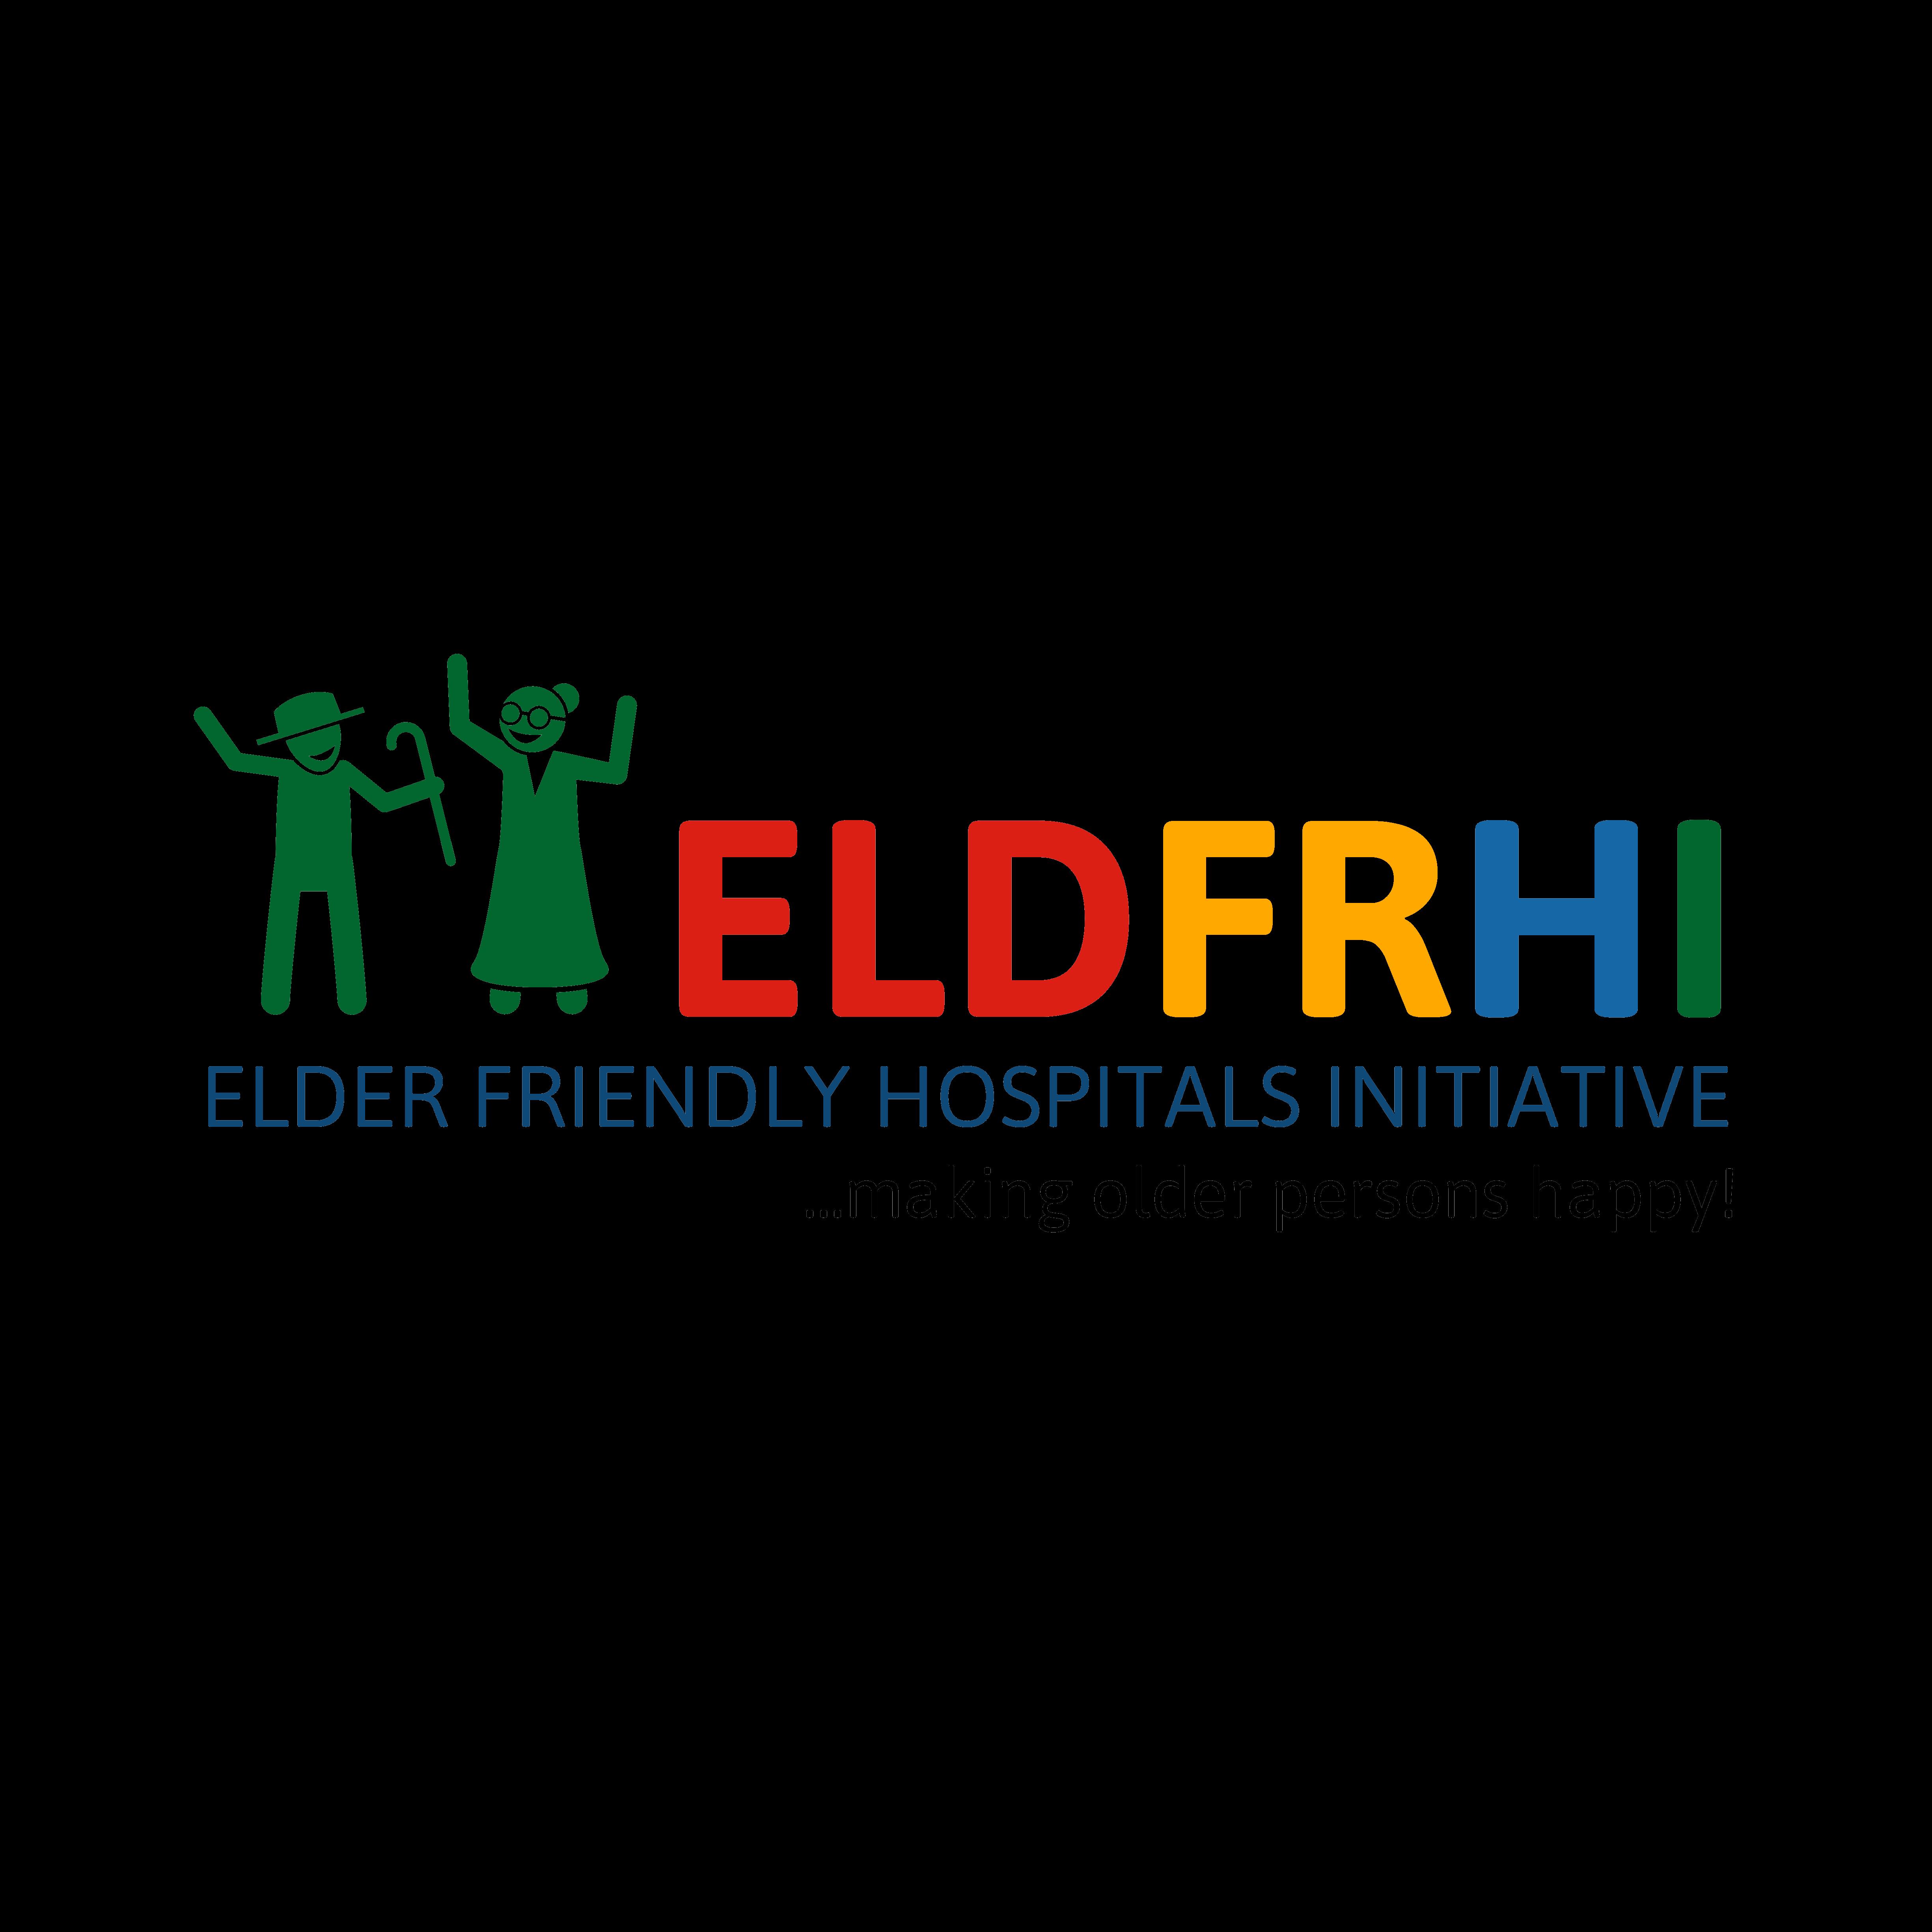 ELDFRHI logo